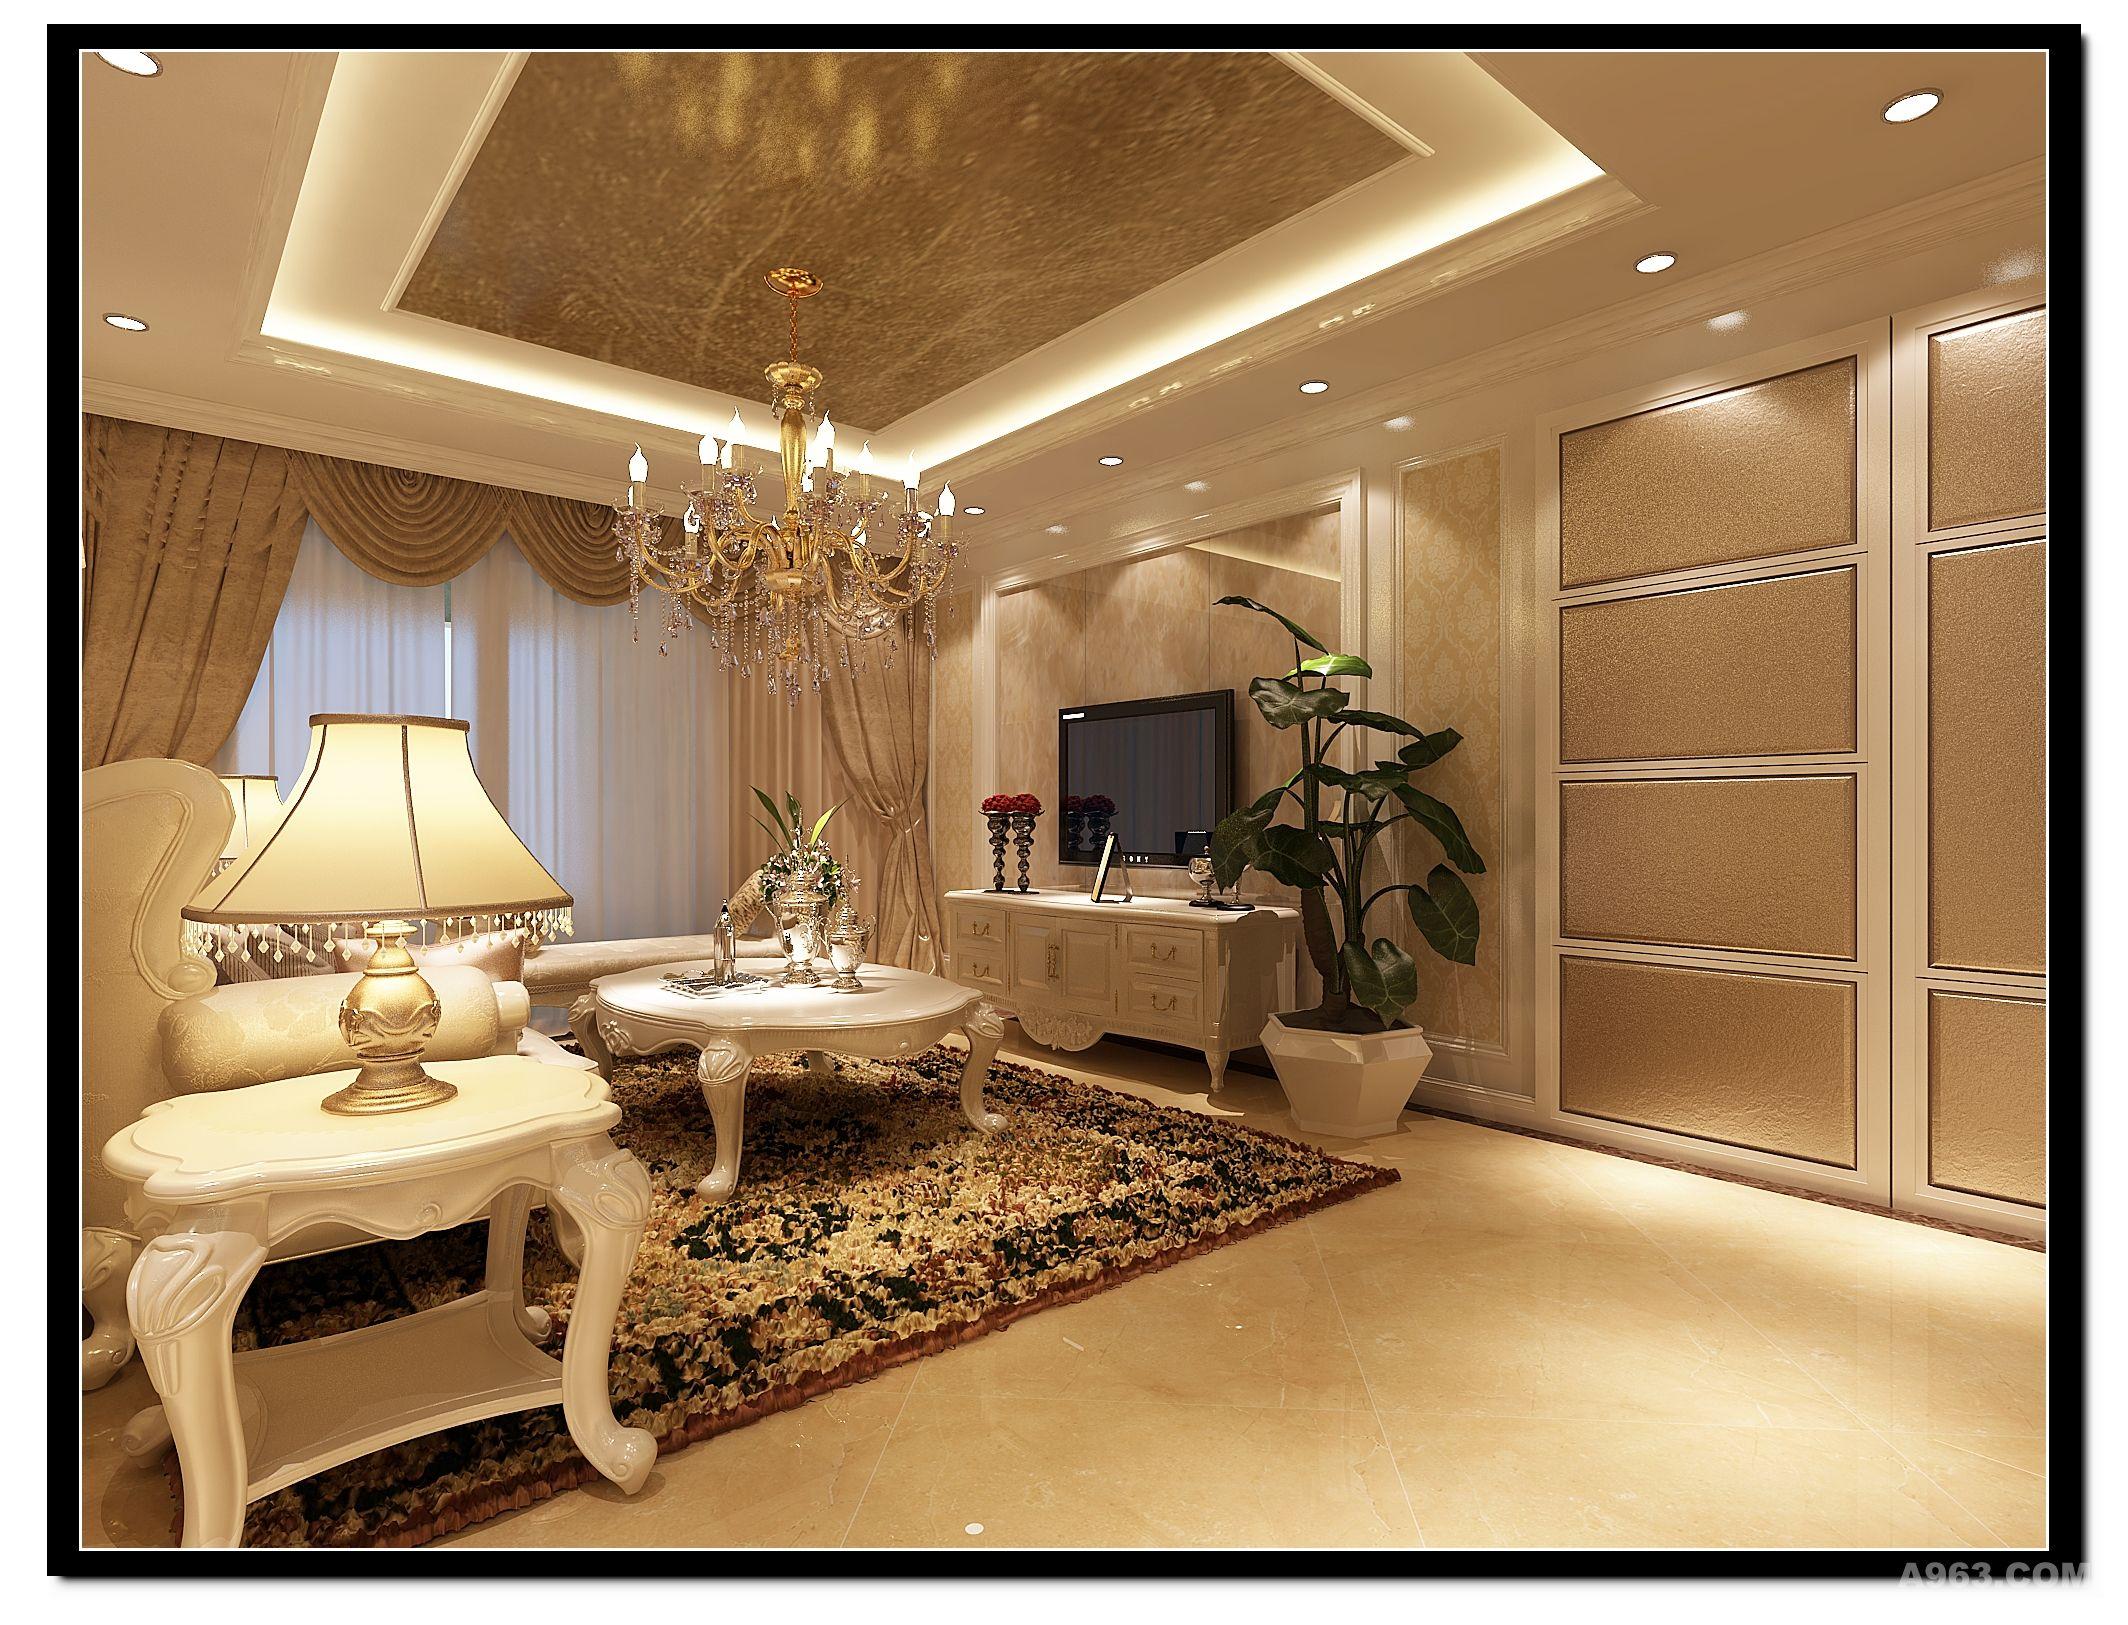 客厅电视背景墙采用石材拼花与软包隐形门整体的结合在一起.